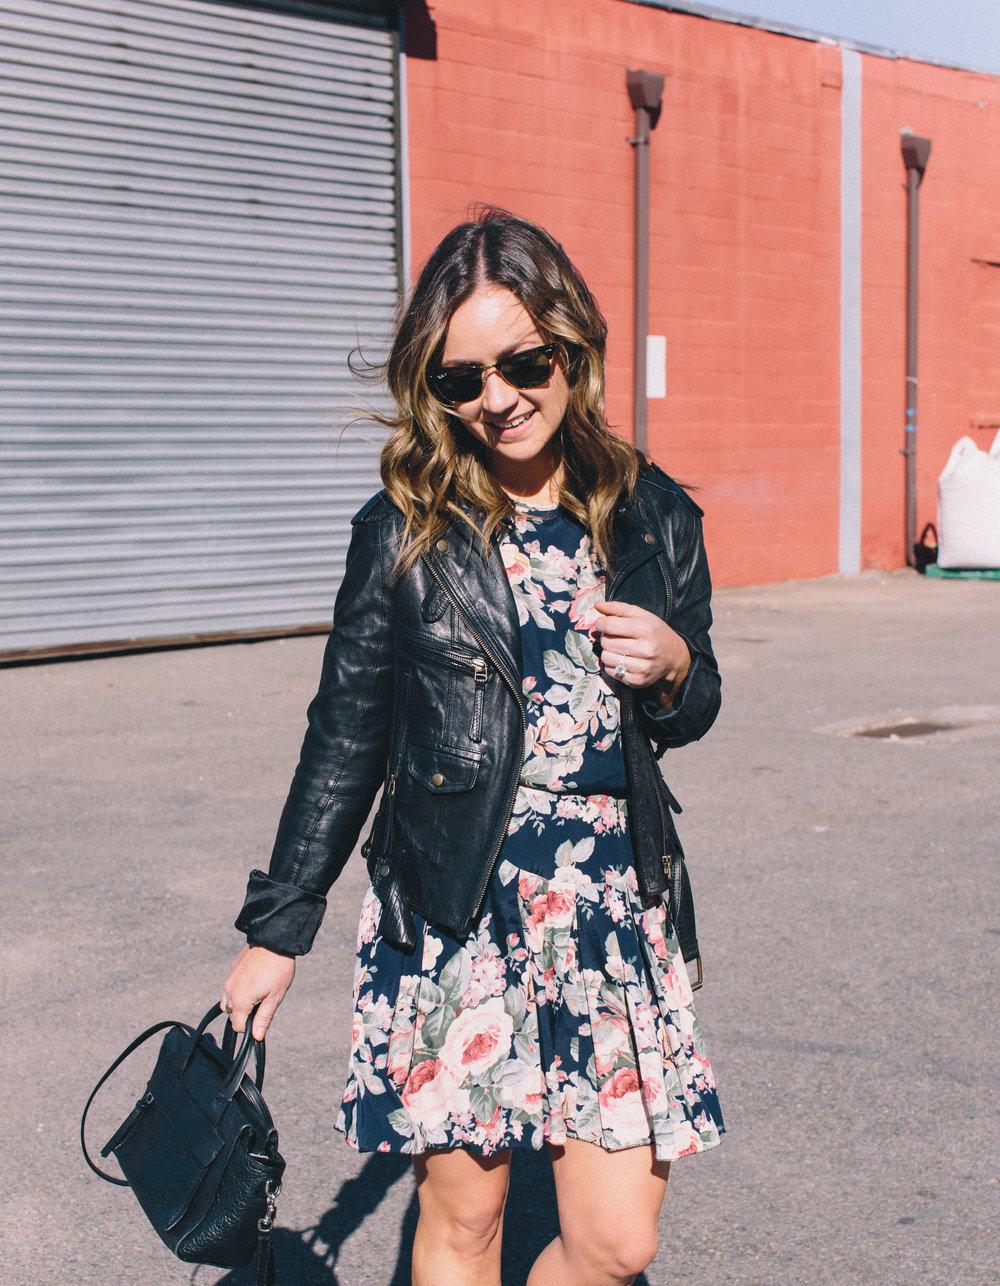 fizz-fade-vintage-floral-dress-4.jpg